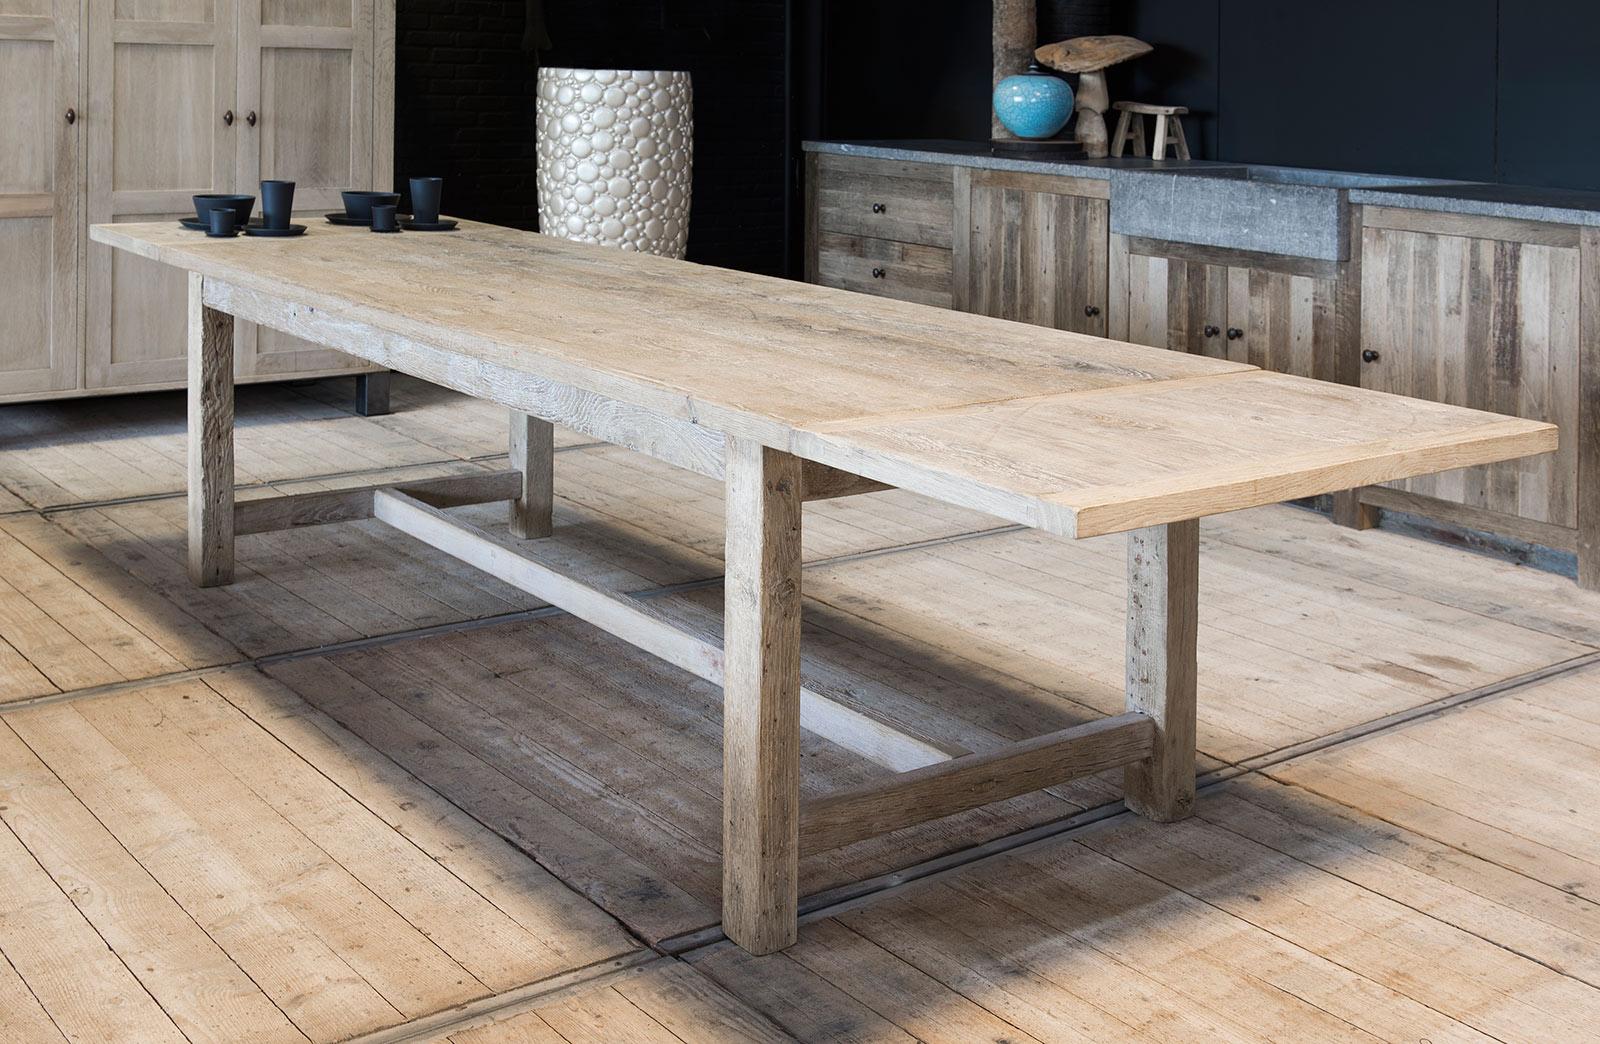 Woontheater: extra large massieve houten tafel op maat